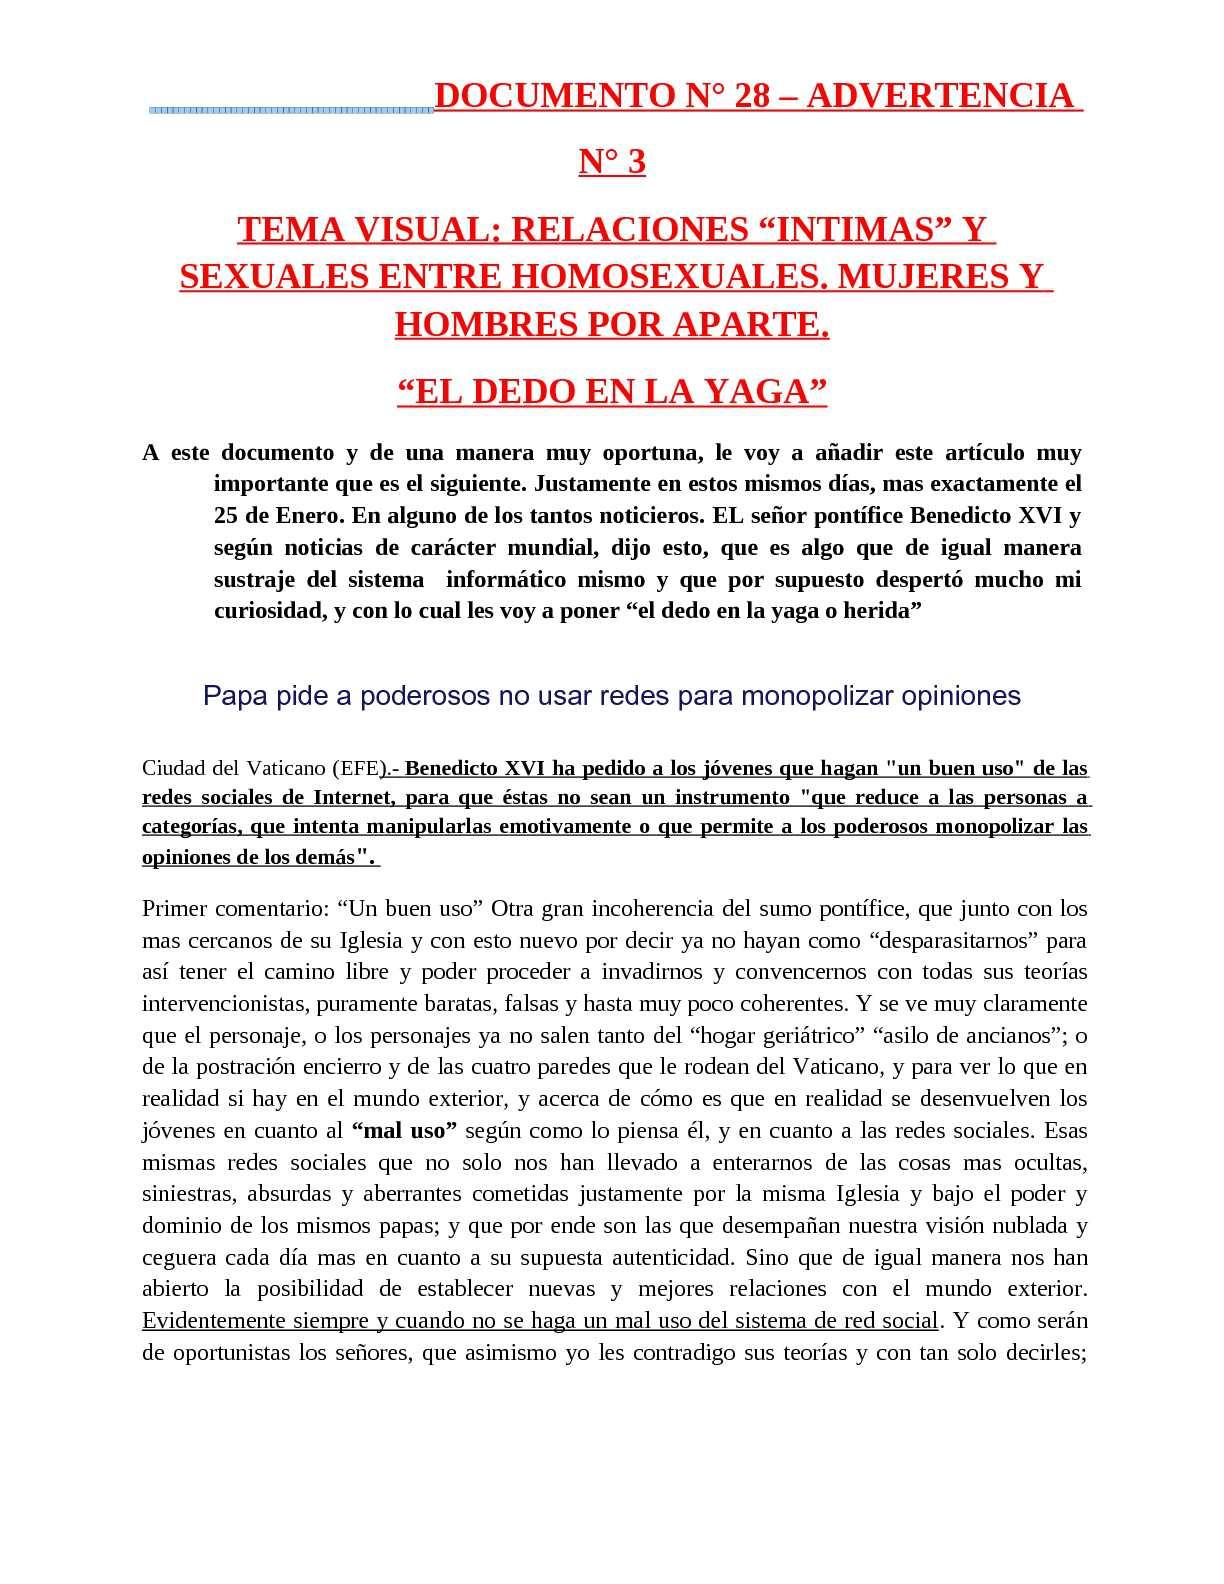 Aberraciones A Jovenes Porno calaméo - documento n° 28 homosexualismo